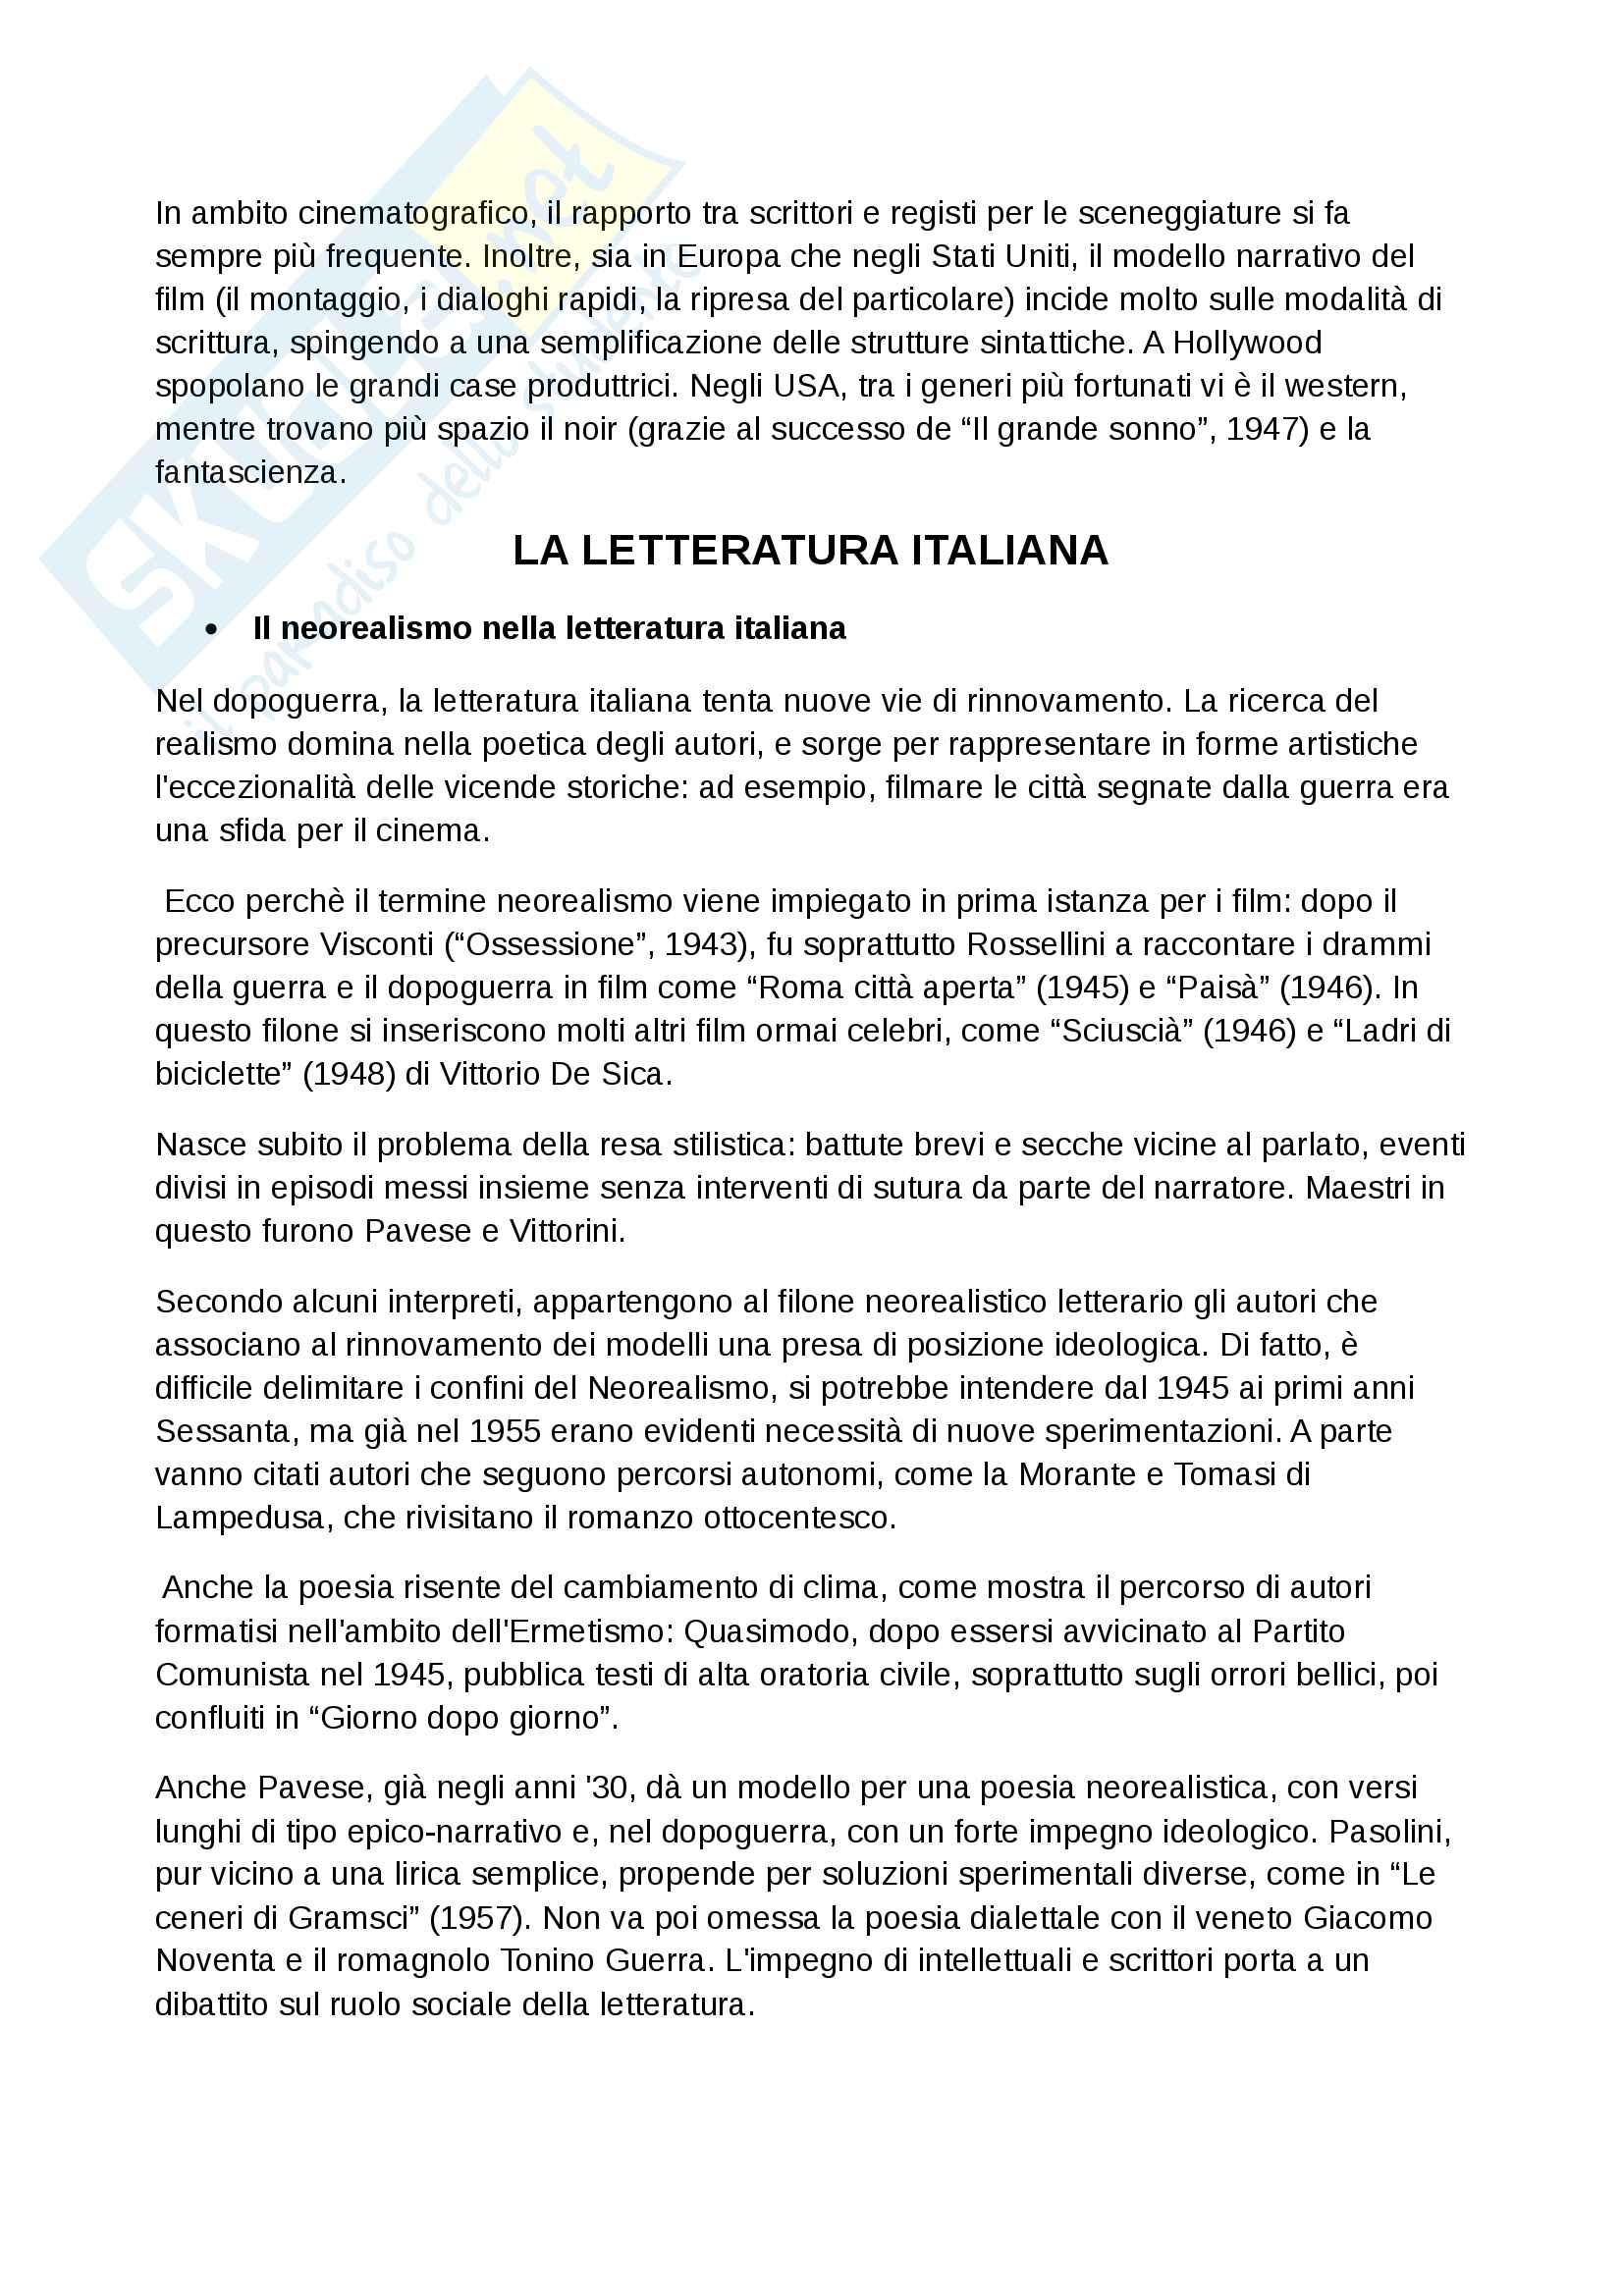 Riassunto di letteratura italiana contemporanea Pag. 6